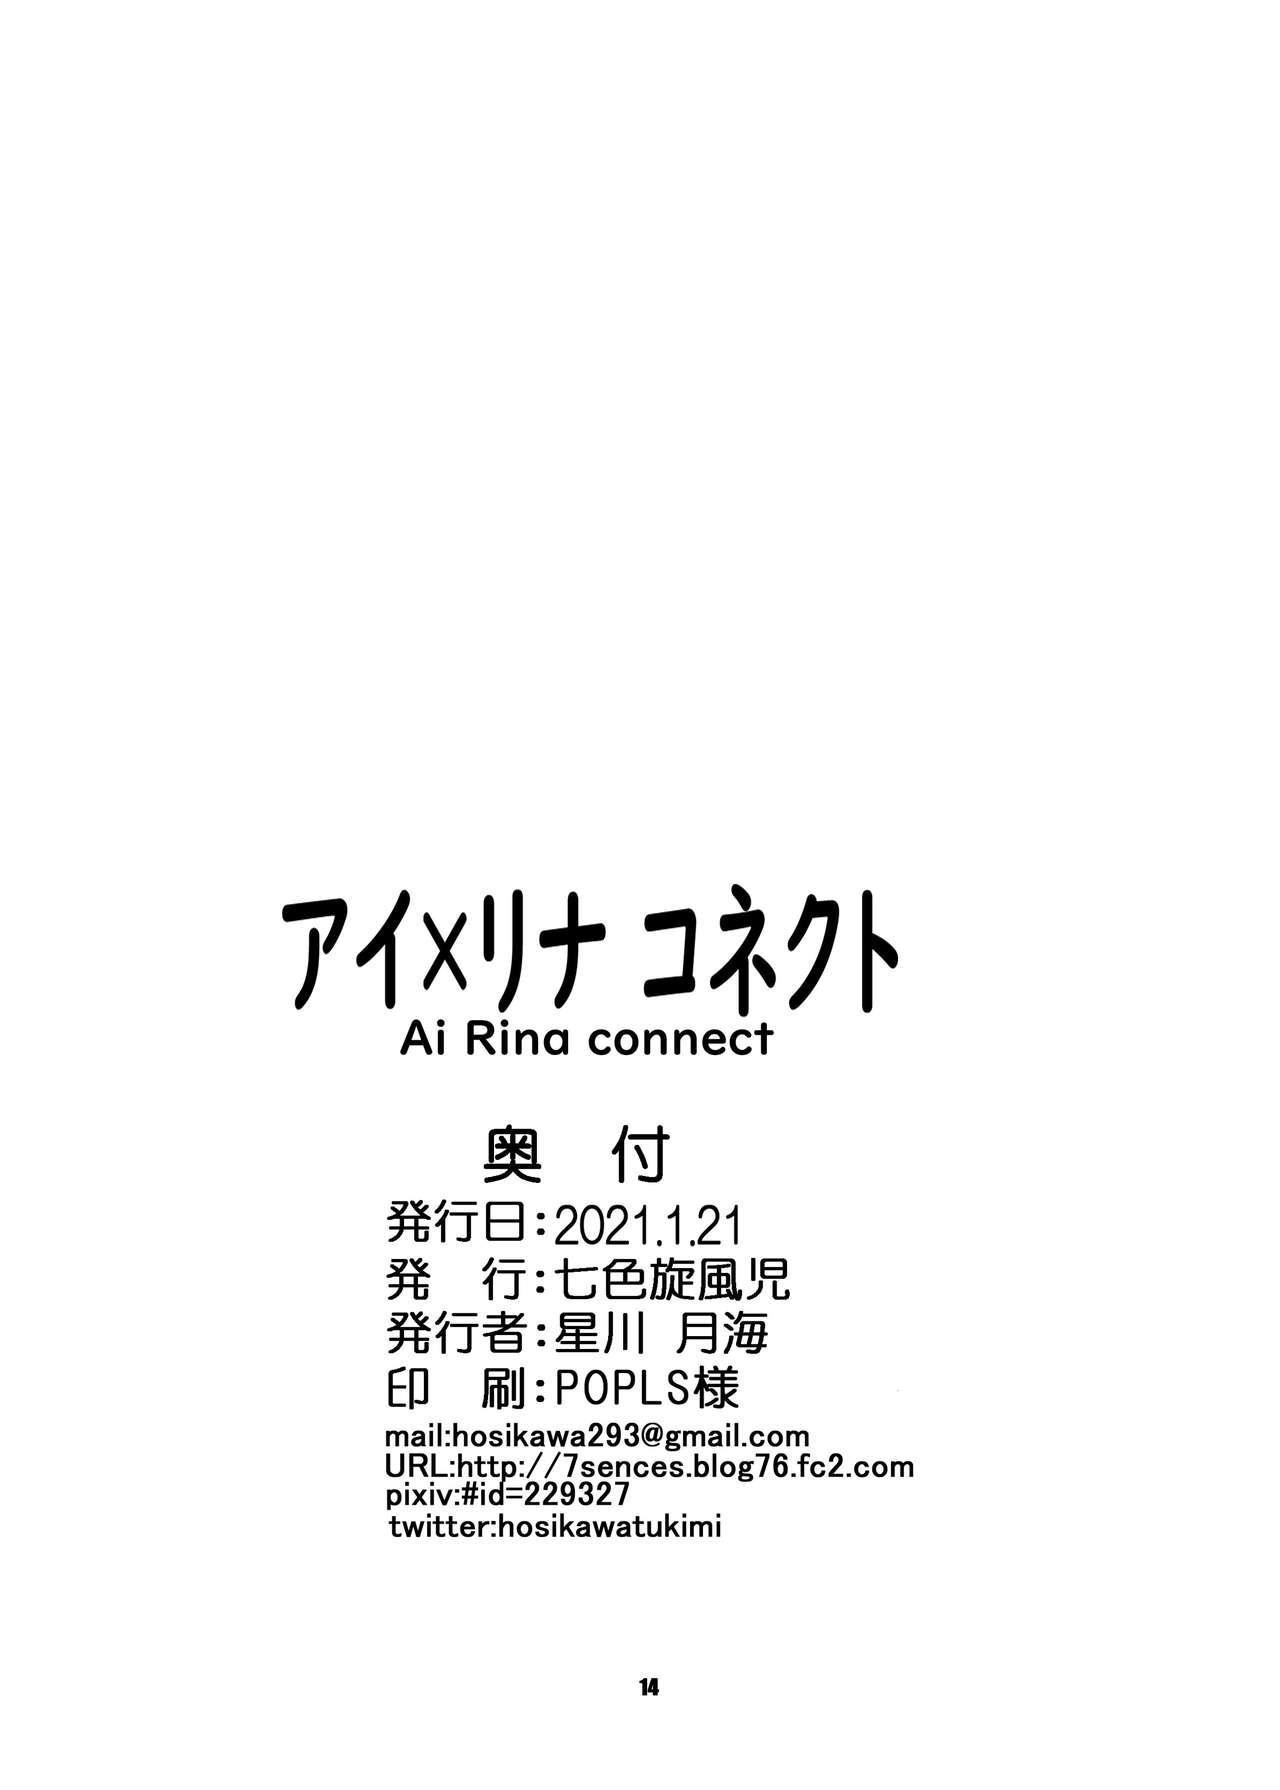 AiRina connect 14